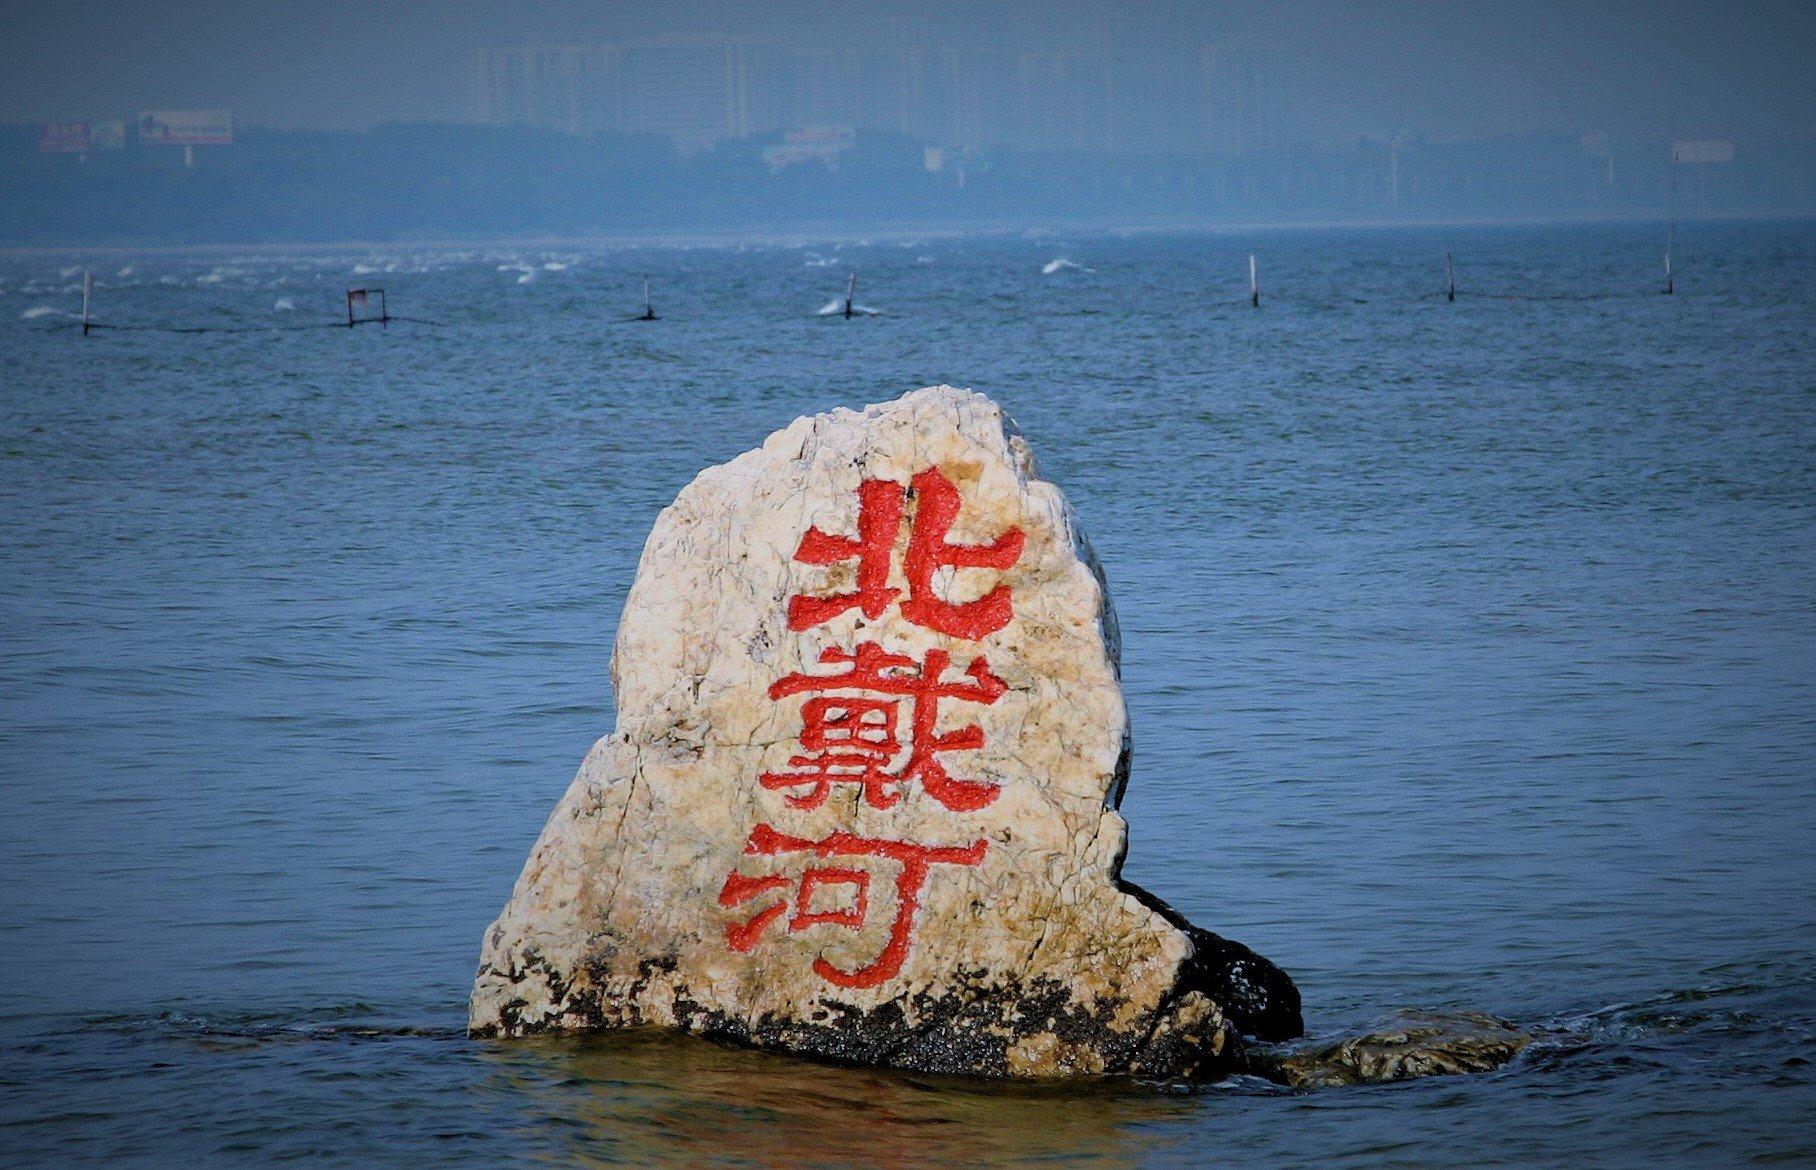 北戴河會議上,外界普遍認為,中共可能討論中國經濟、香港反送中運動、中美貿易戰及中共政權如何存活等問題。(大紀元資料室)